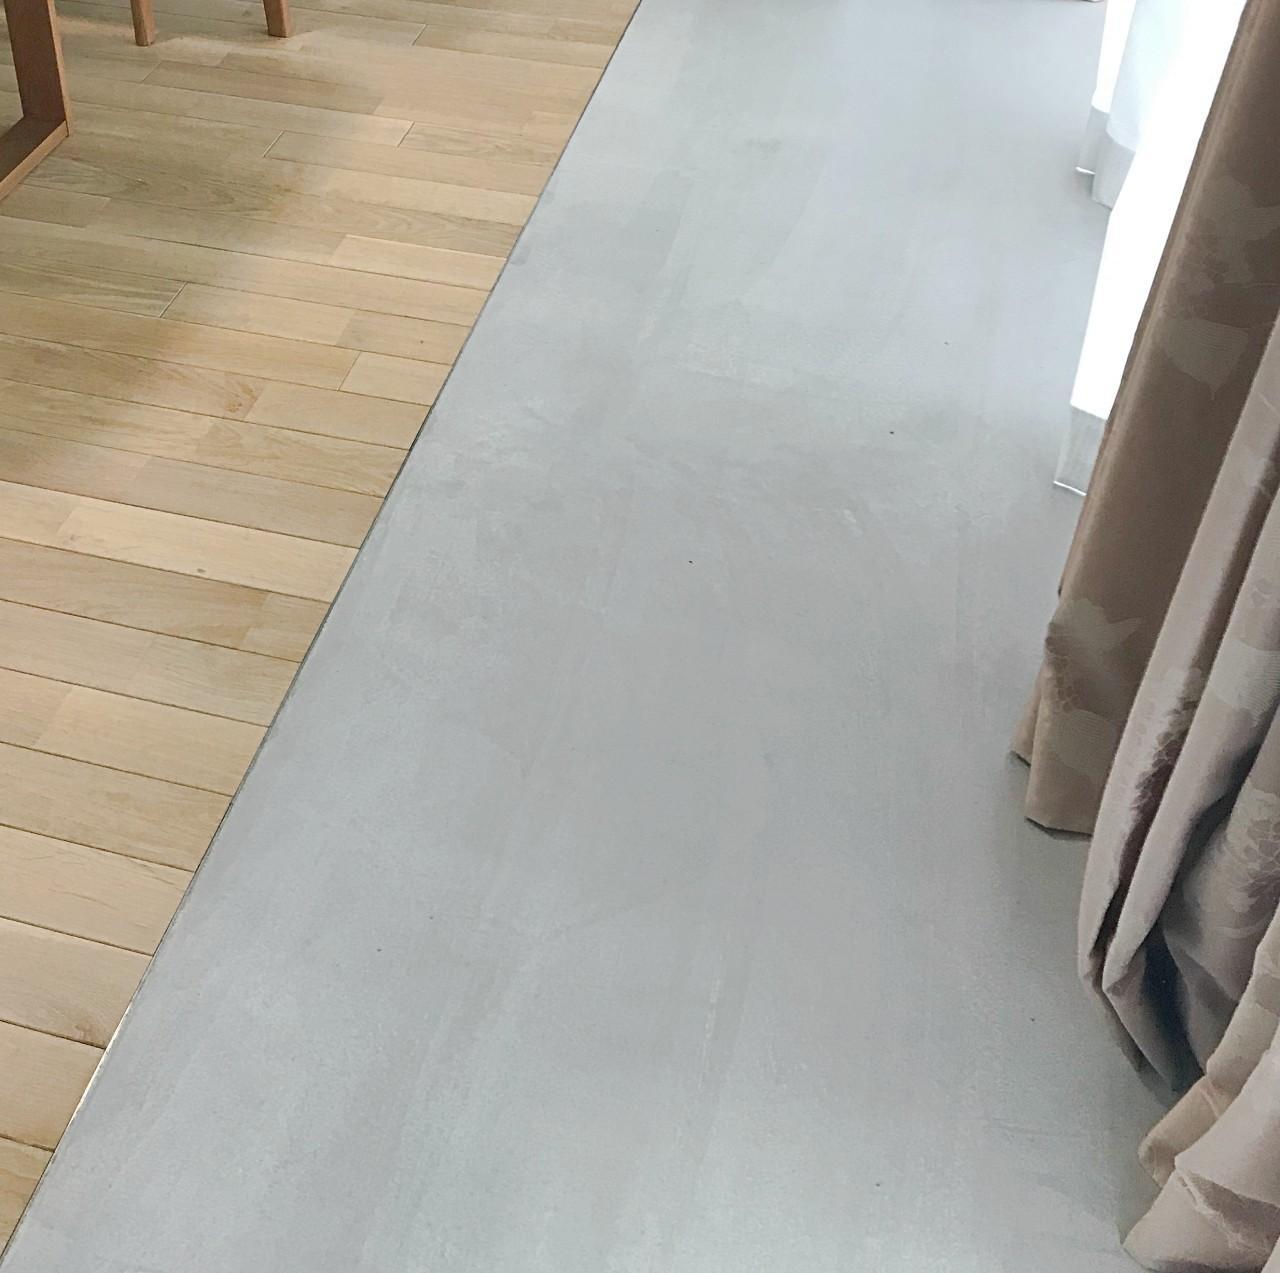 バルコニー前の床はモルタル仕上げ。インナーバルコニーとしての意味合いも